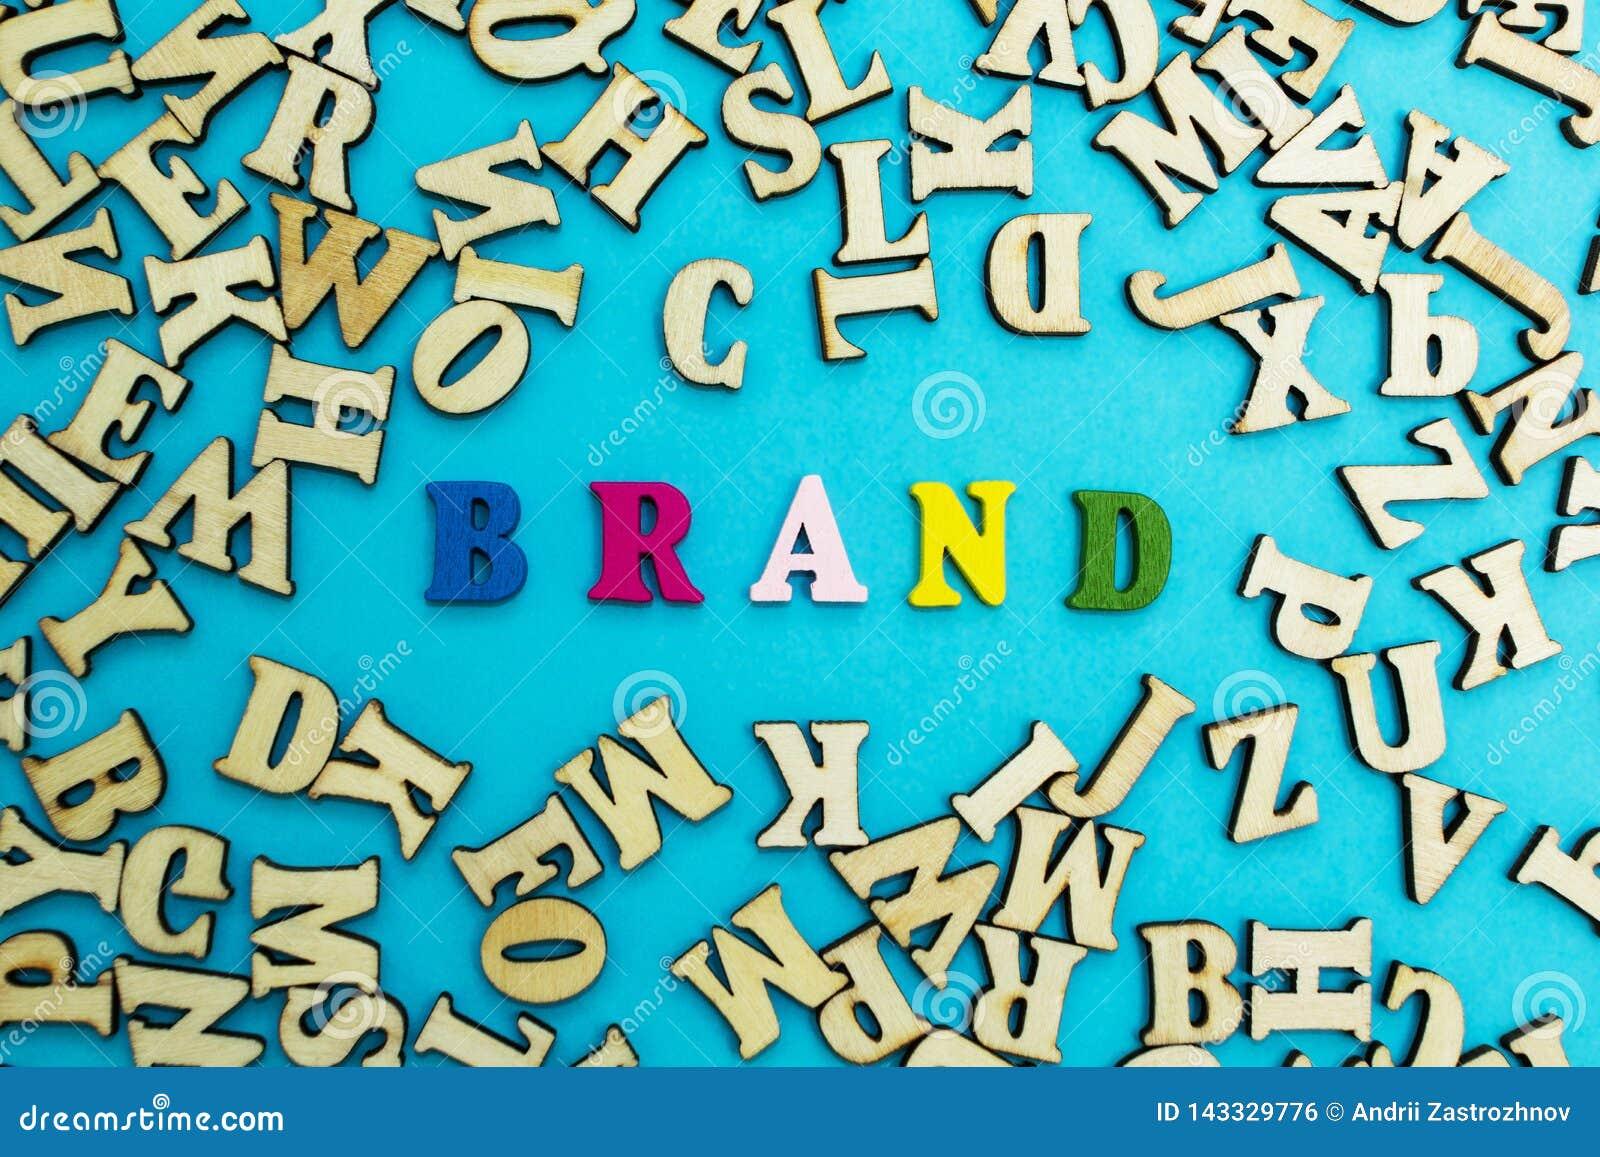 Das Wort 'Marke 'wird mit mehrfarbigen Buchstaben auf einem blauen Hintergrund gezeichnet